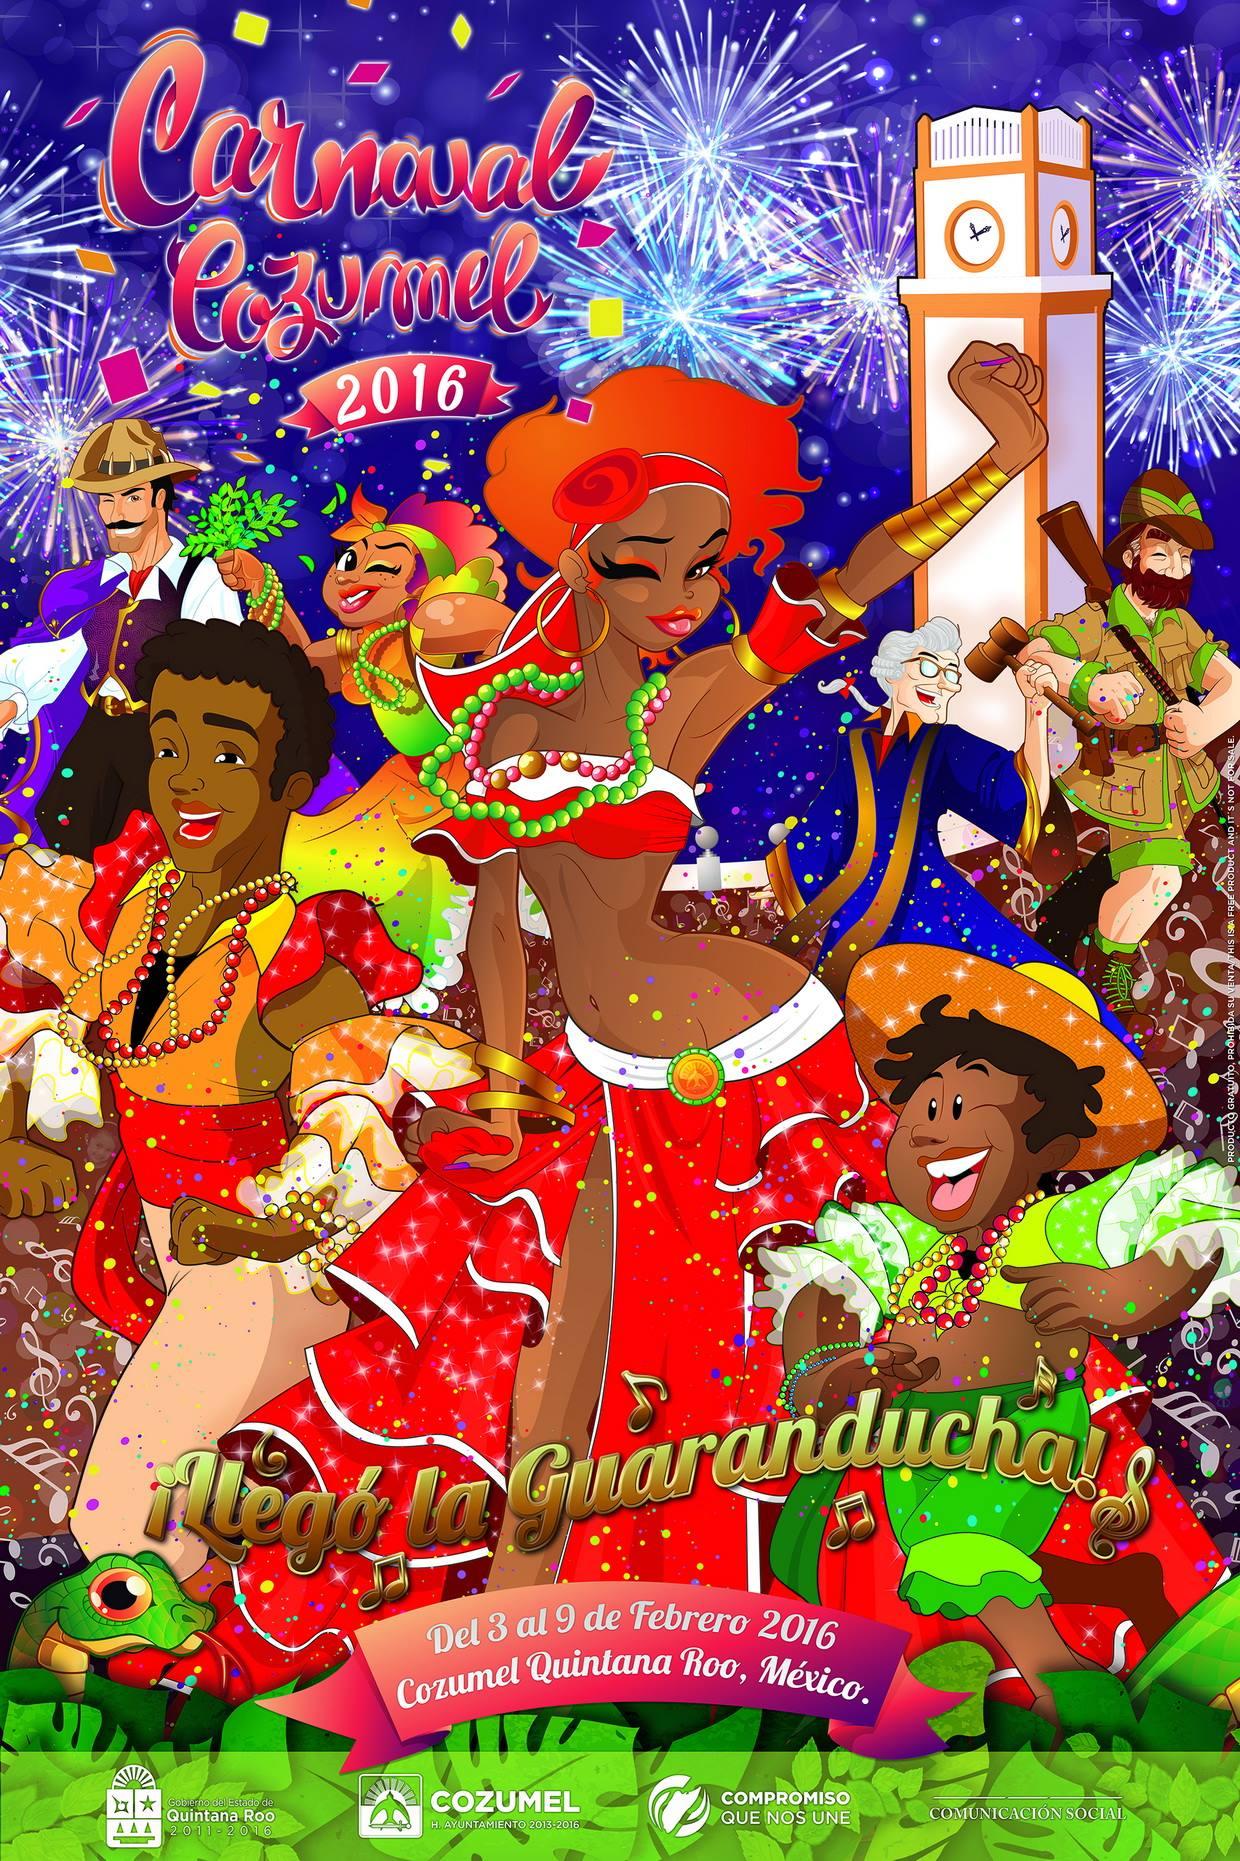 Carnaval Cozumel 2016